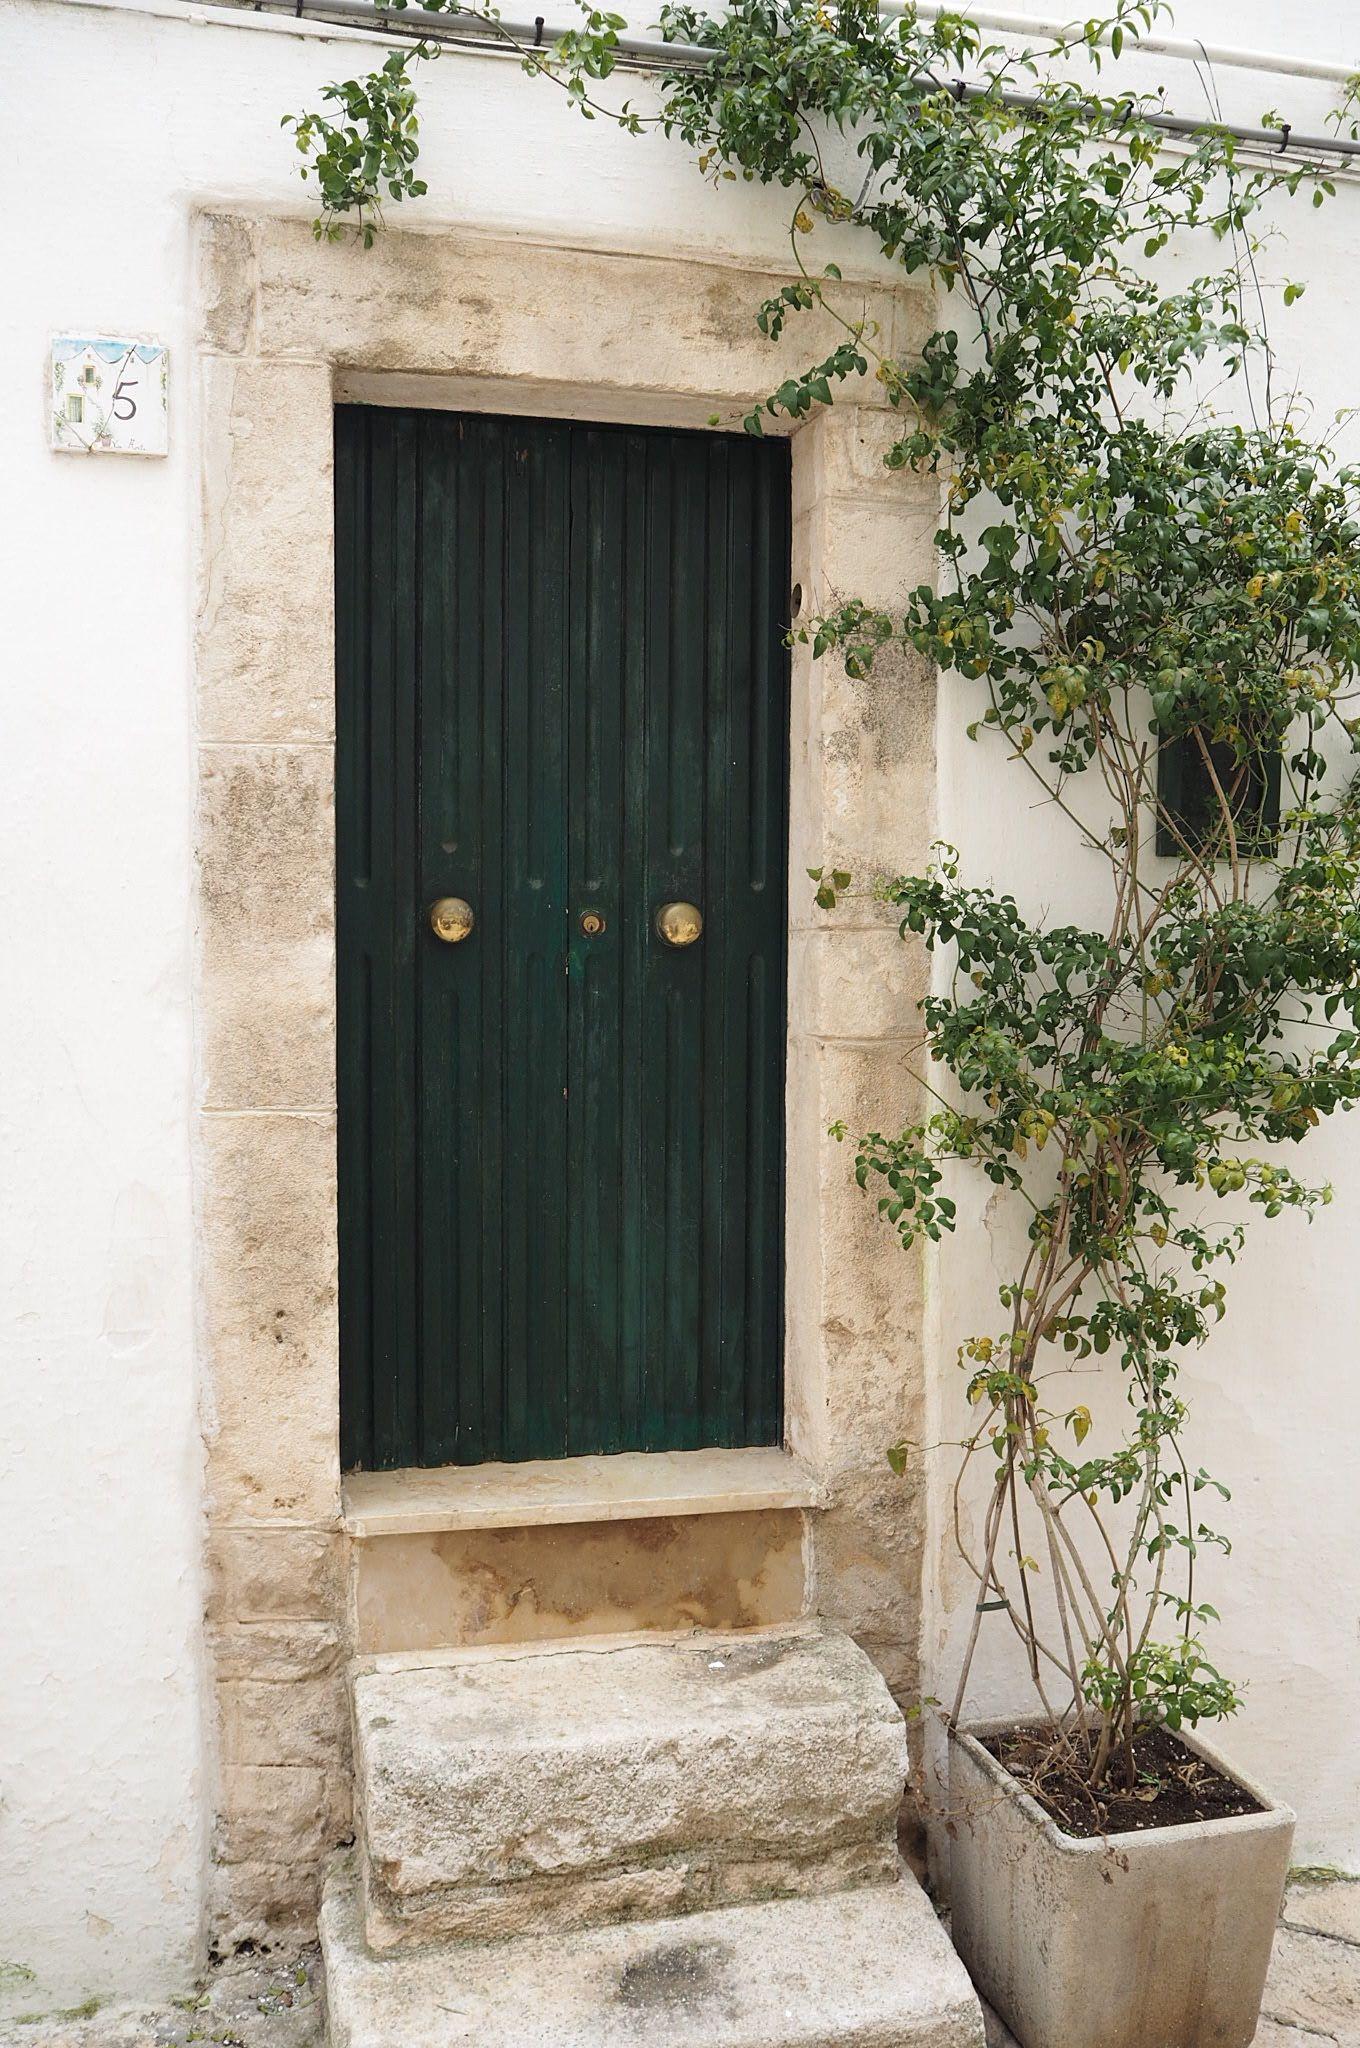 Locorotondo pretty Italy doorway